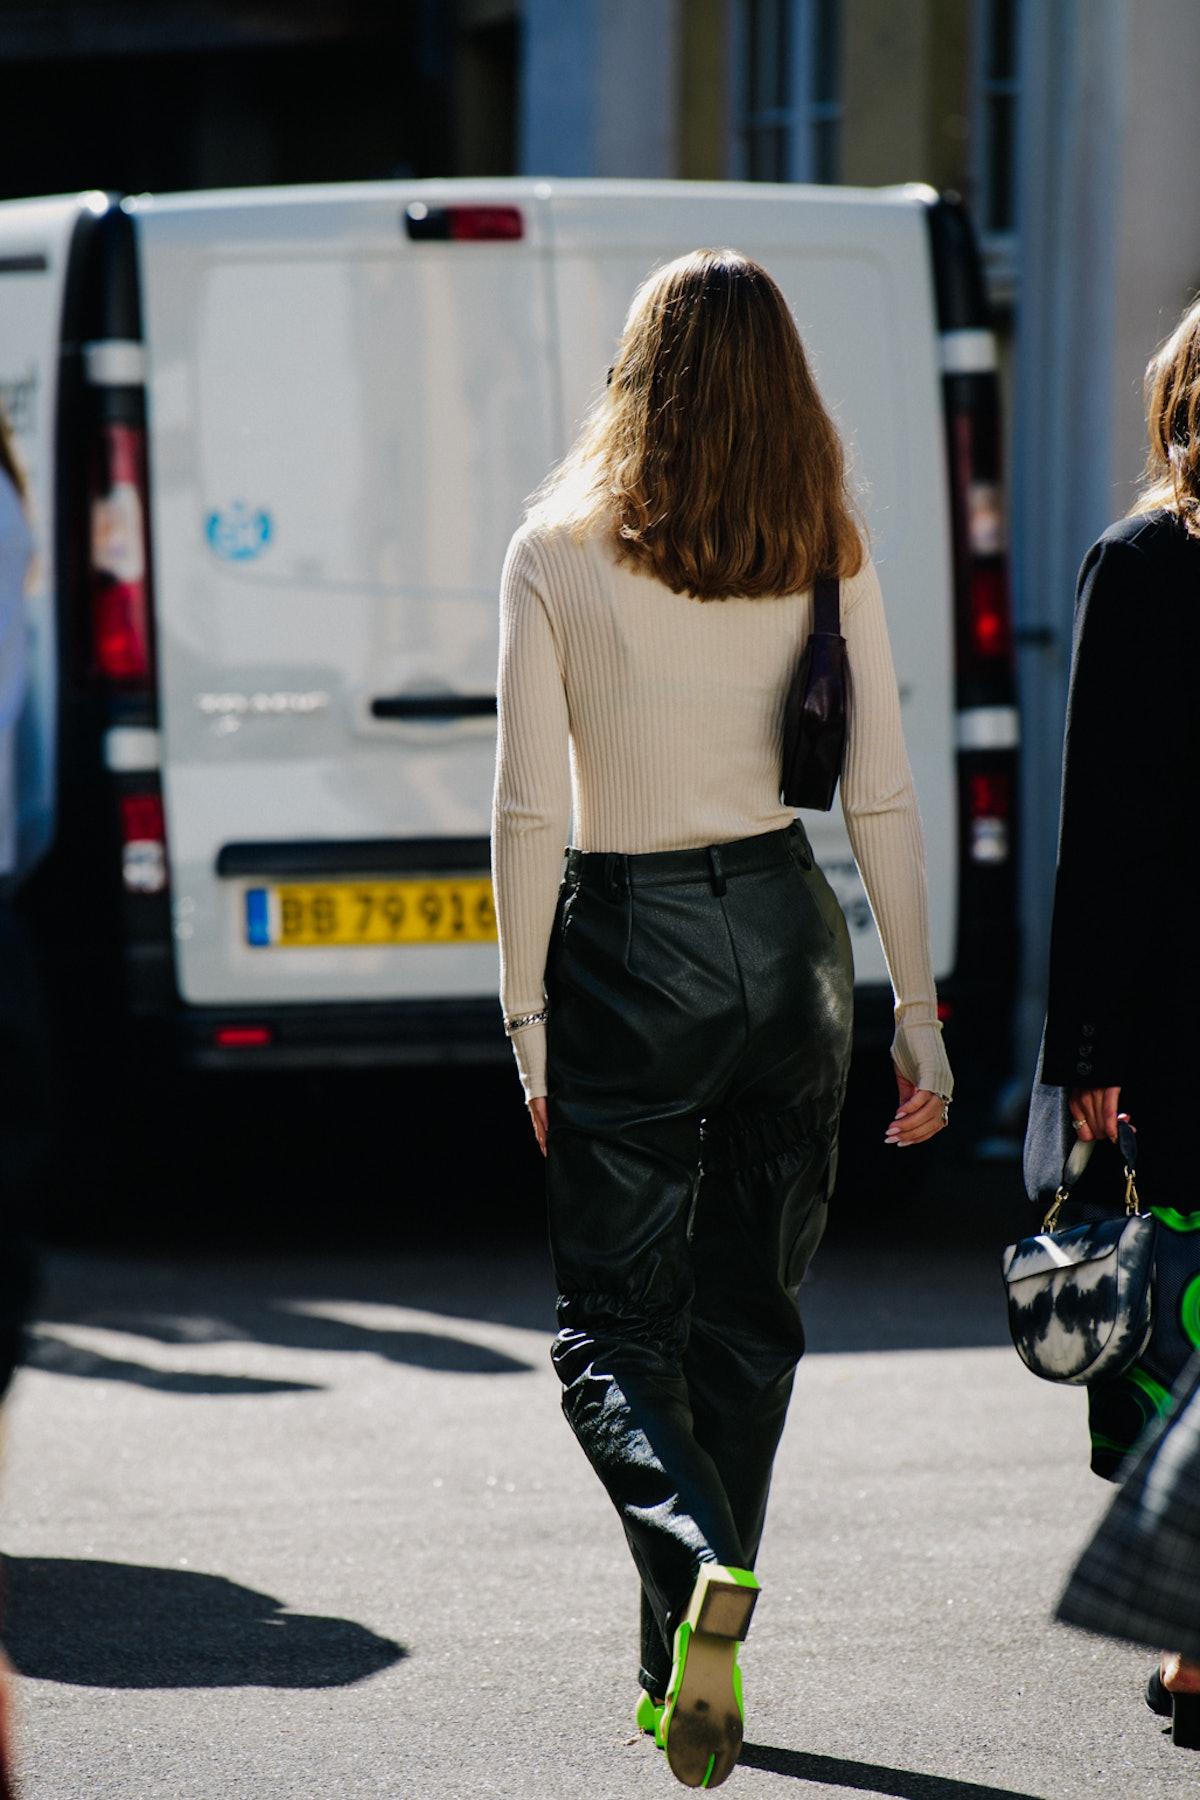 Adam-Katz-Sinding-W-Magazine-Copenhagen-Fashion-Week-Spring-Summer-2020_AKS2896.jpg